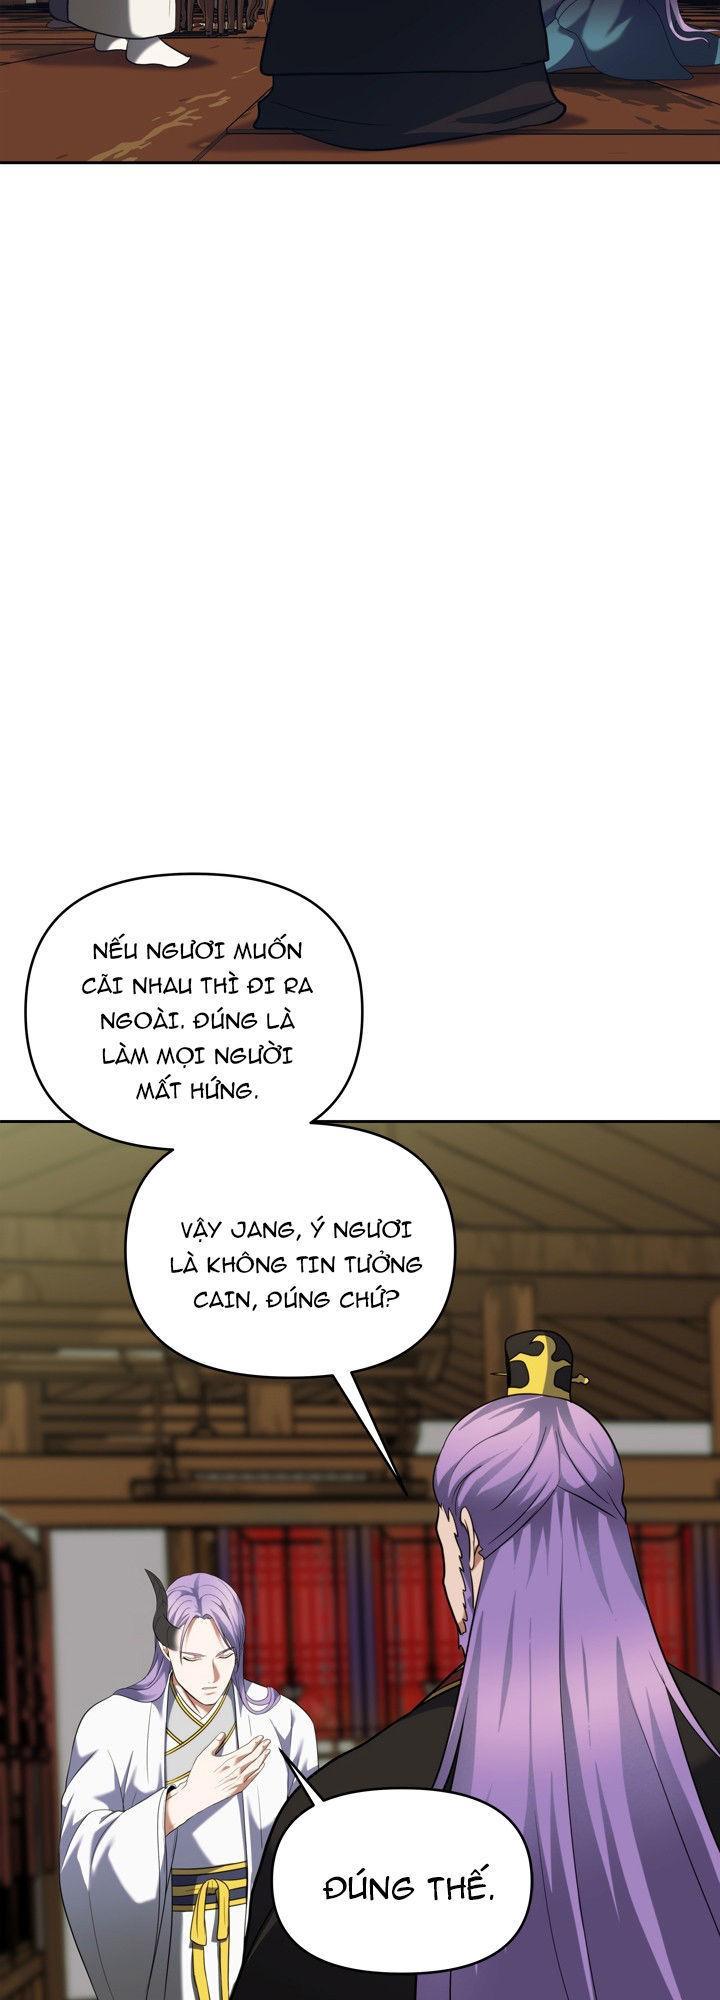 Vua Thăng Cấp Chapter 62 - Trang 59